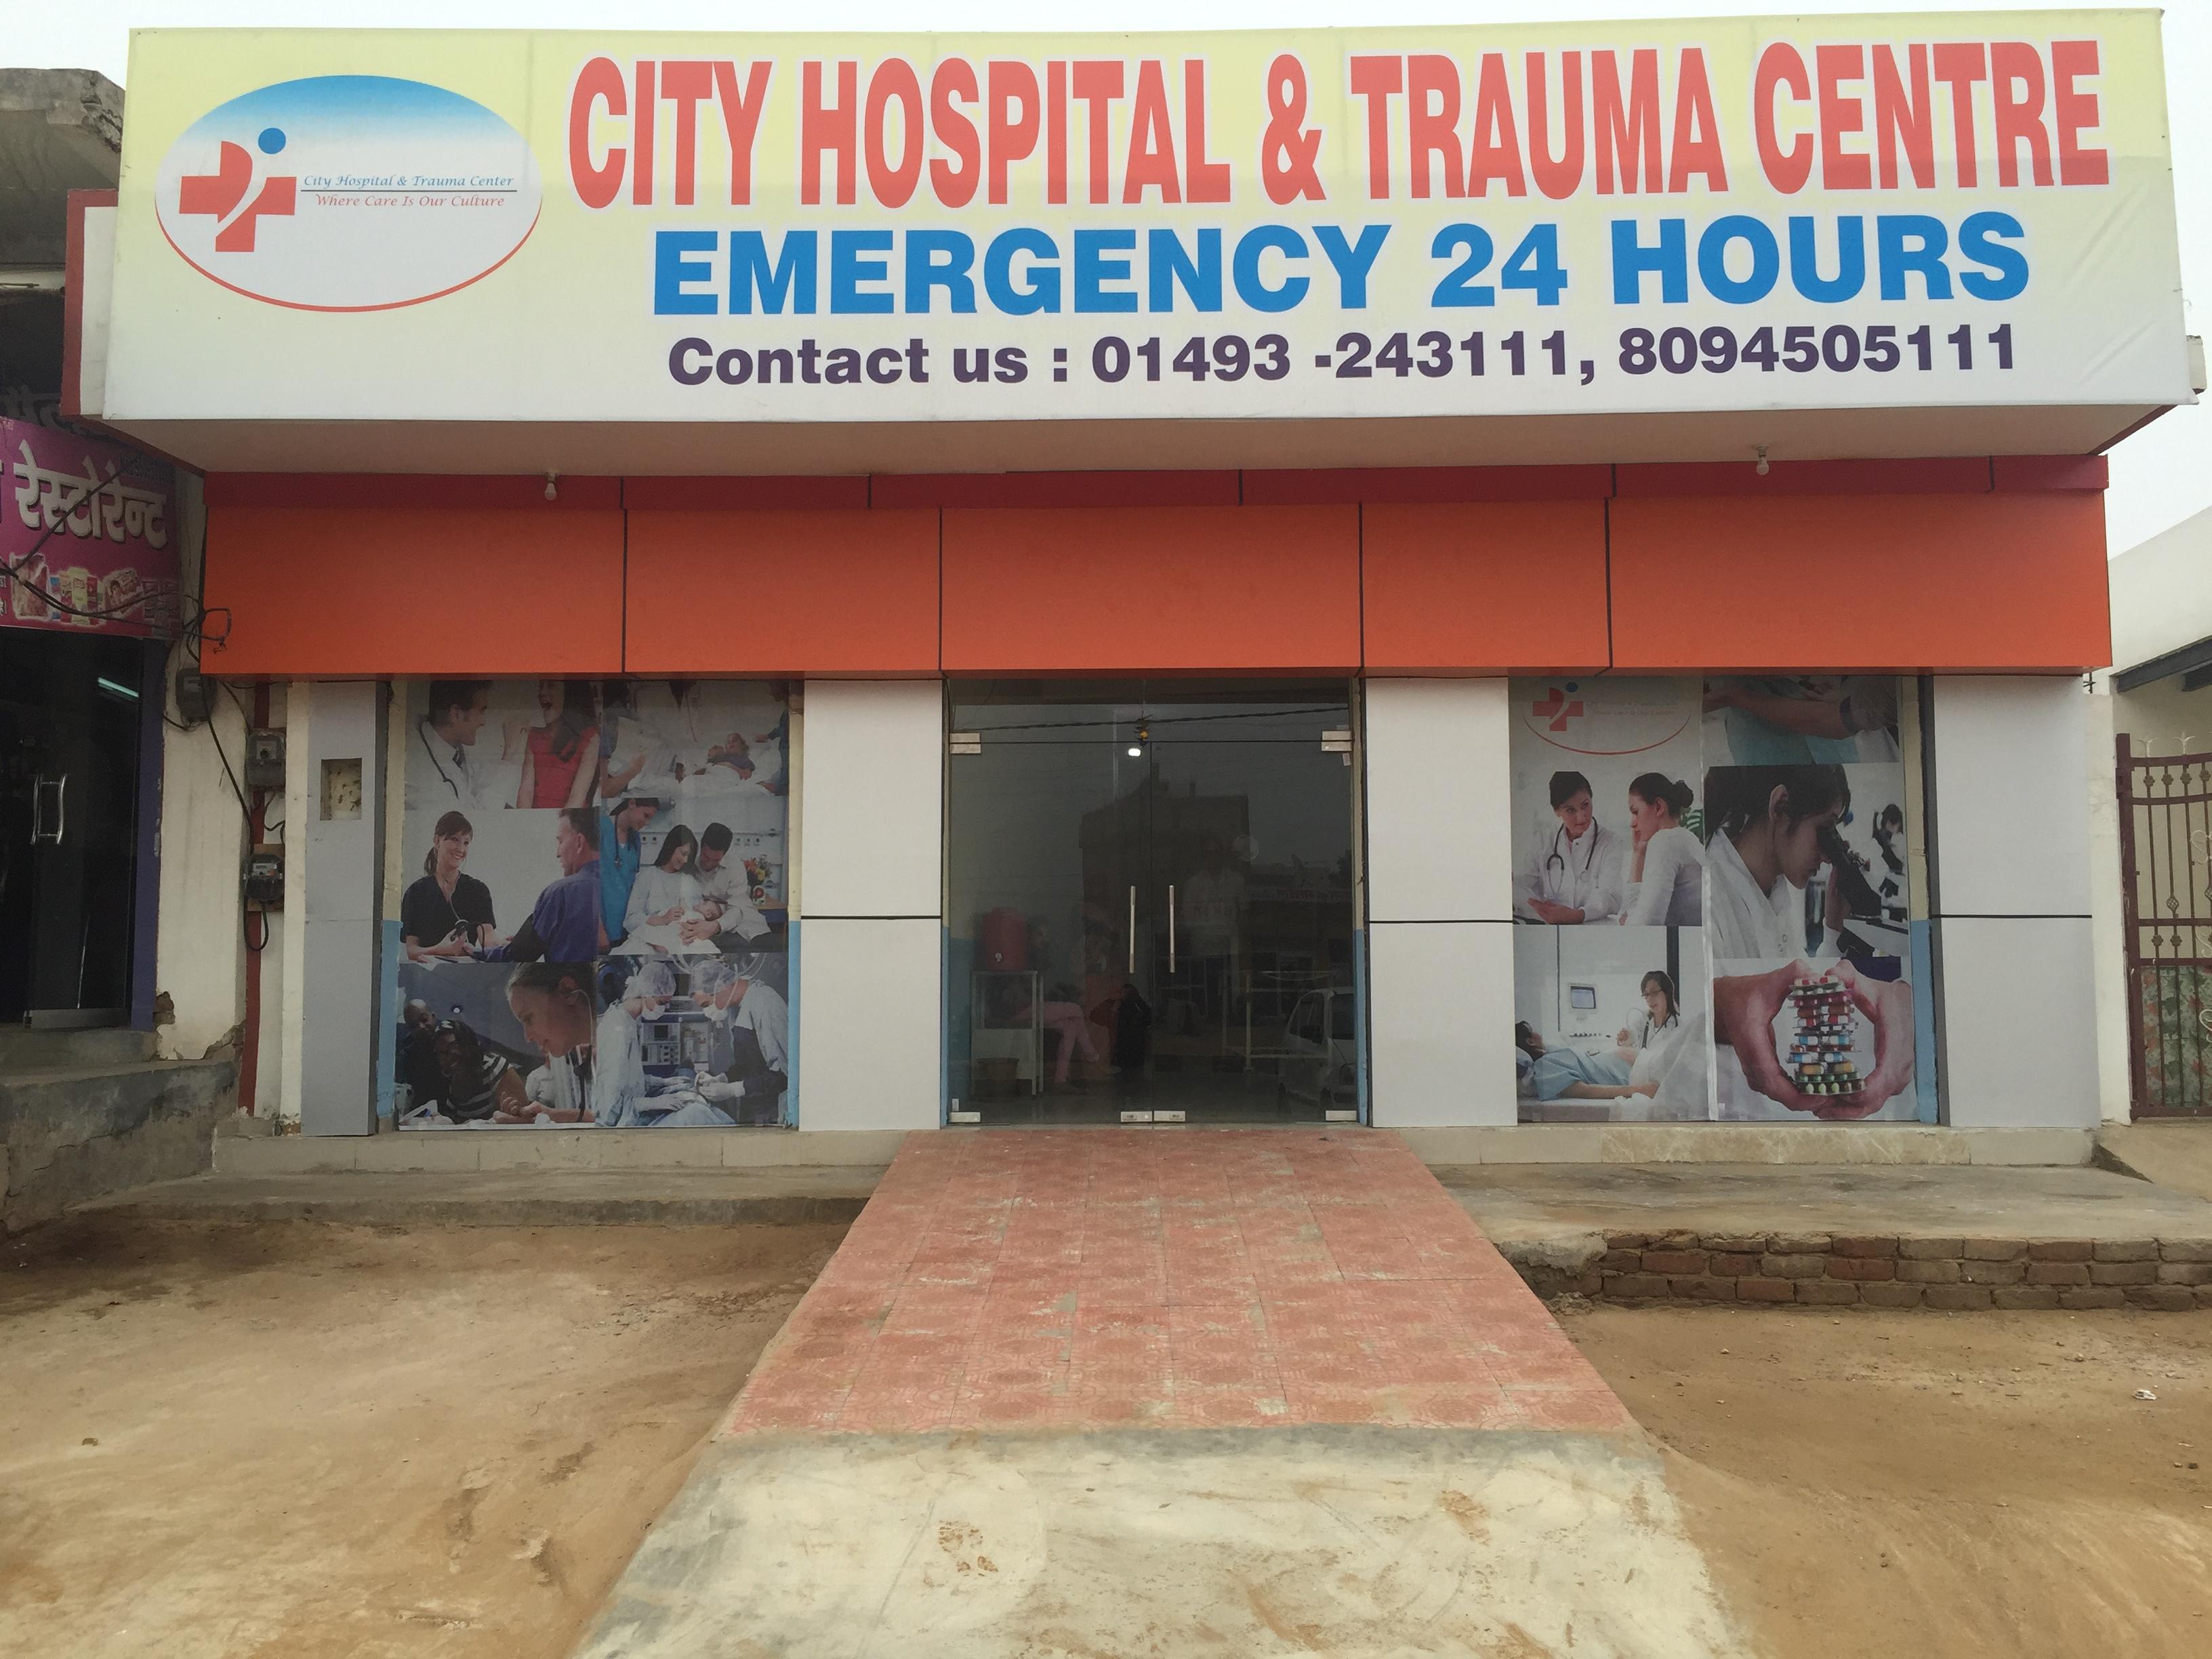 City Hospital & Trauma Center